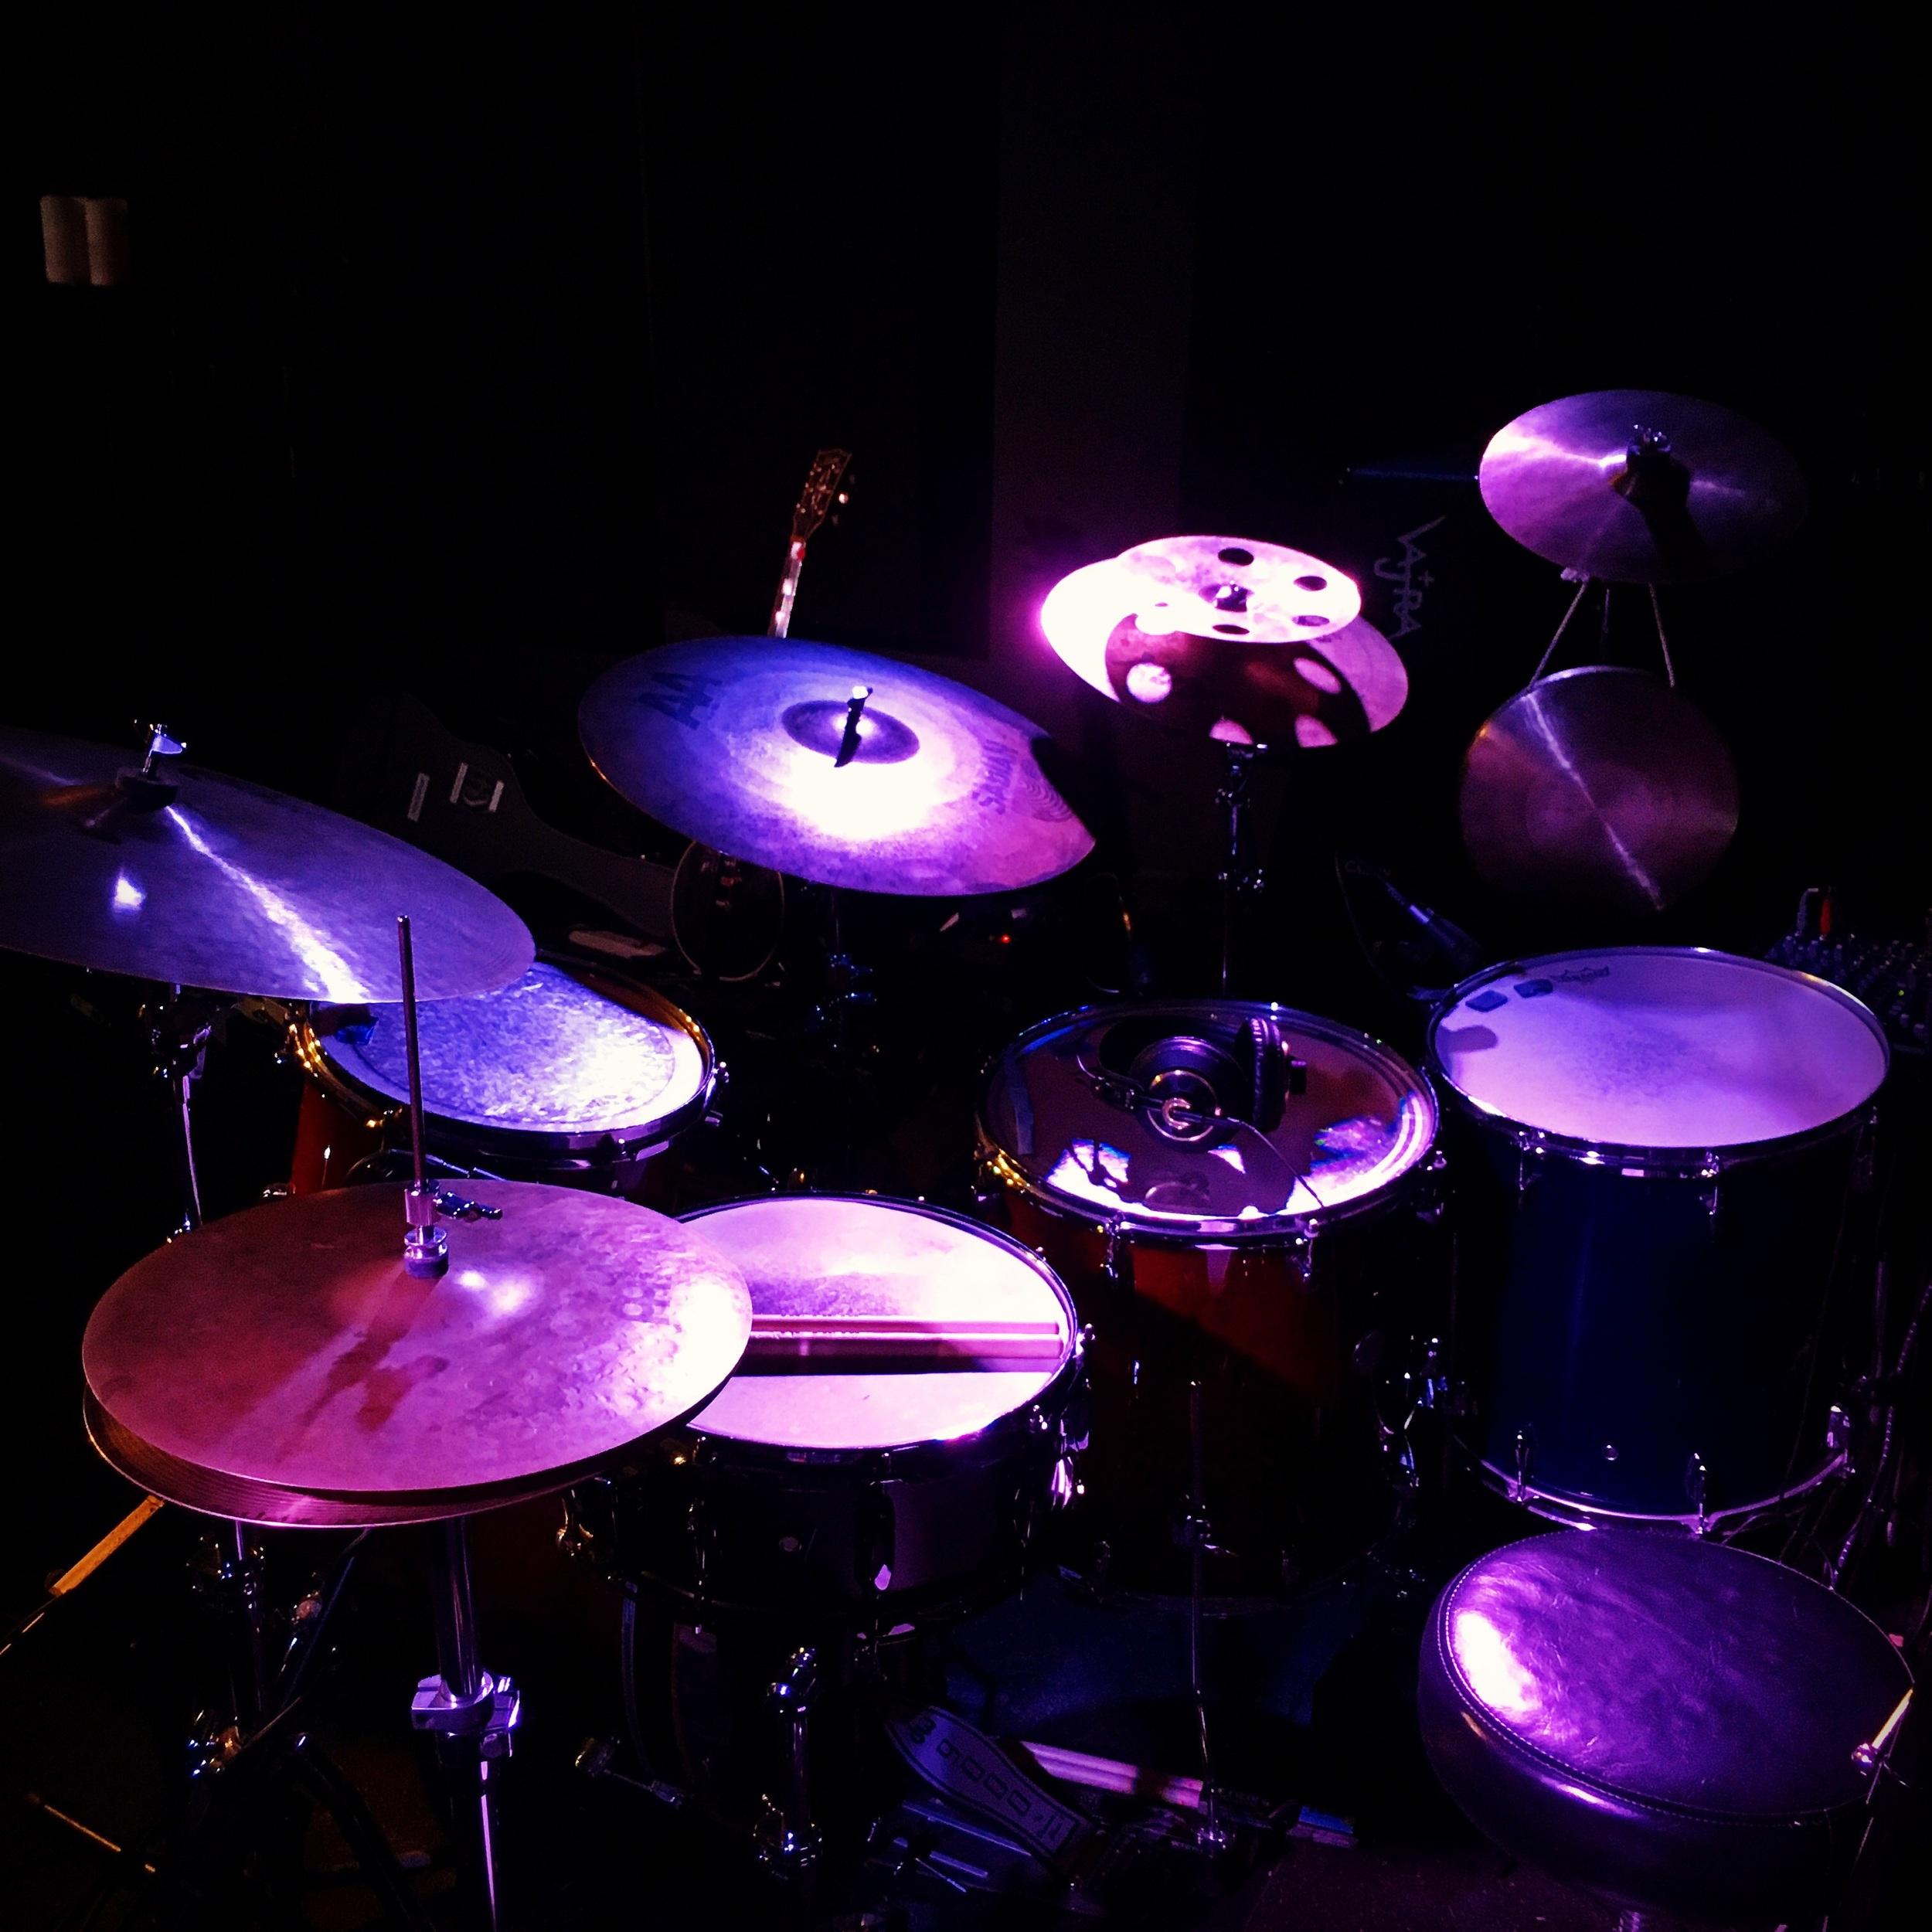 Drums drums drums yay drumz!